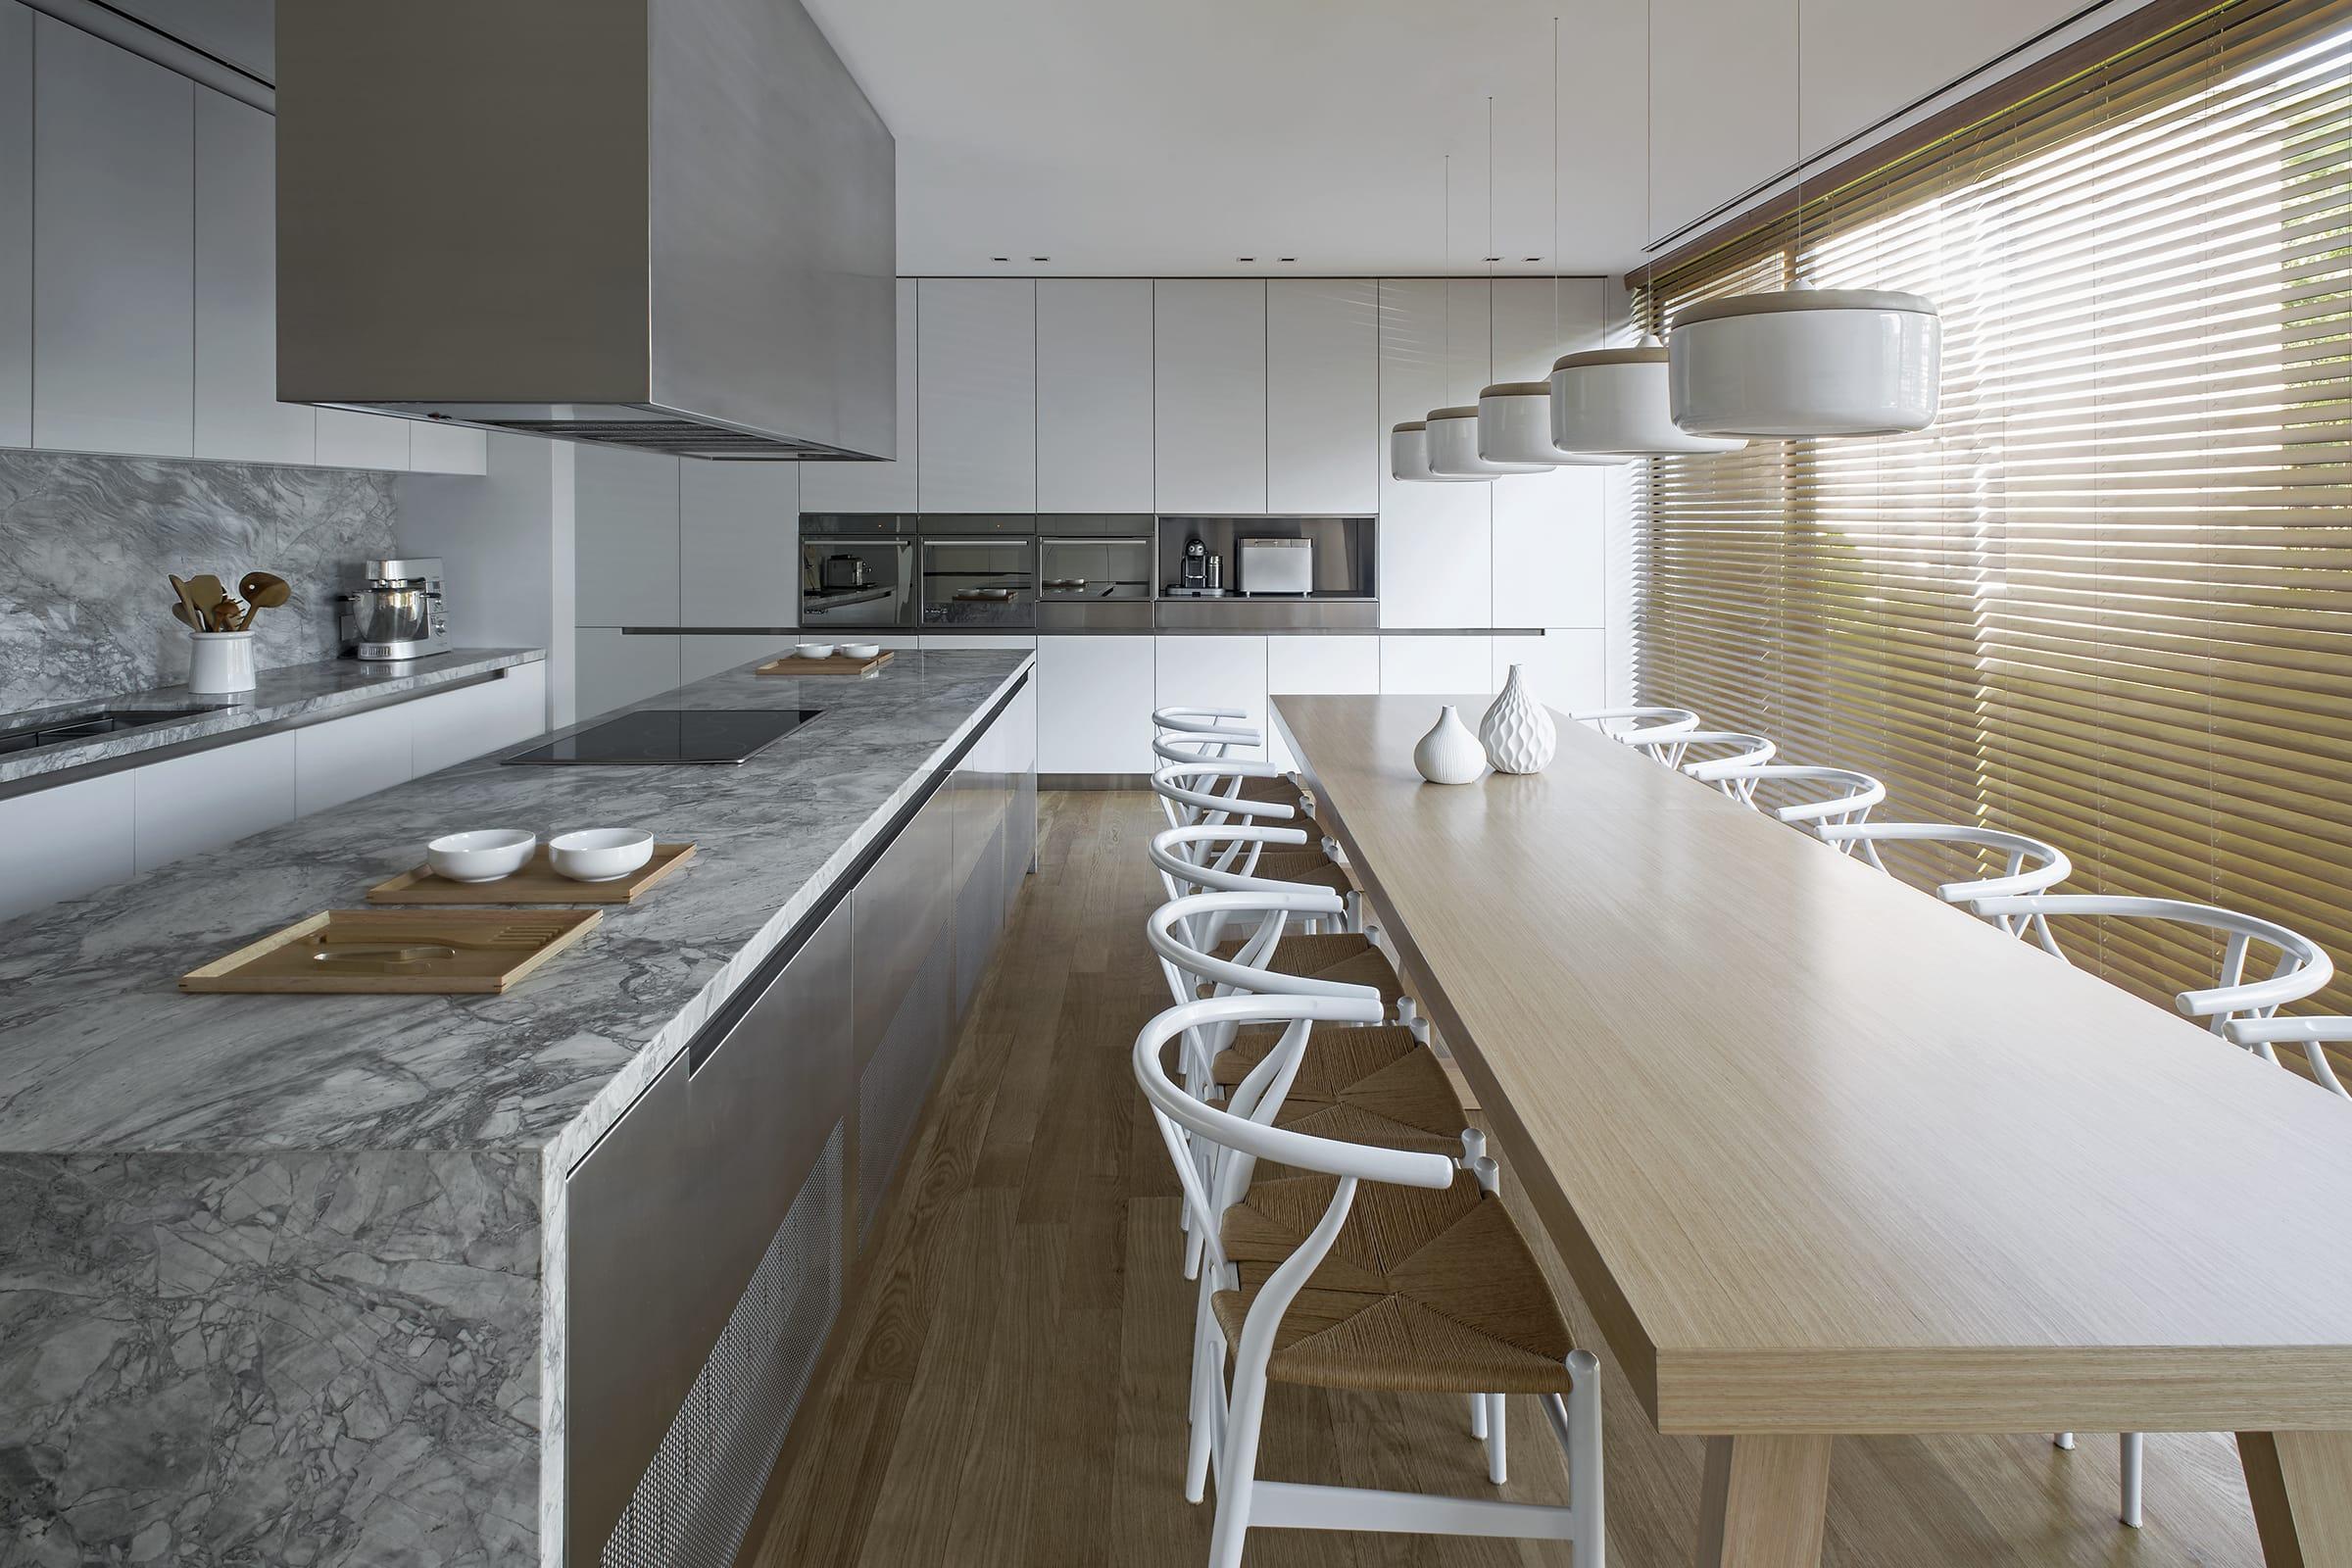 En la cocina se destaca una larga mesa, ideal para las reuniones familiares.